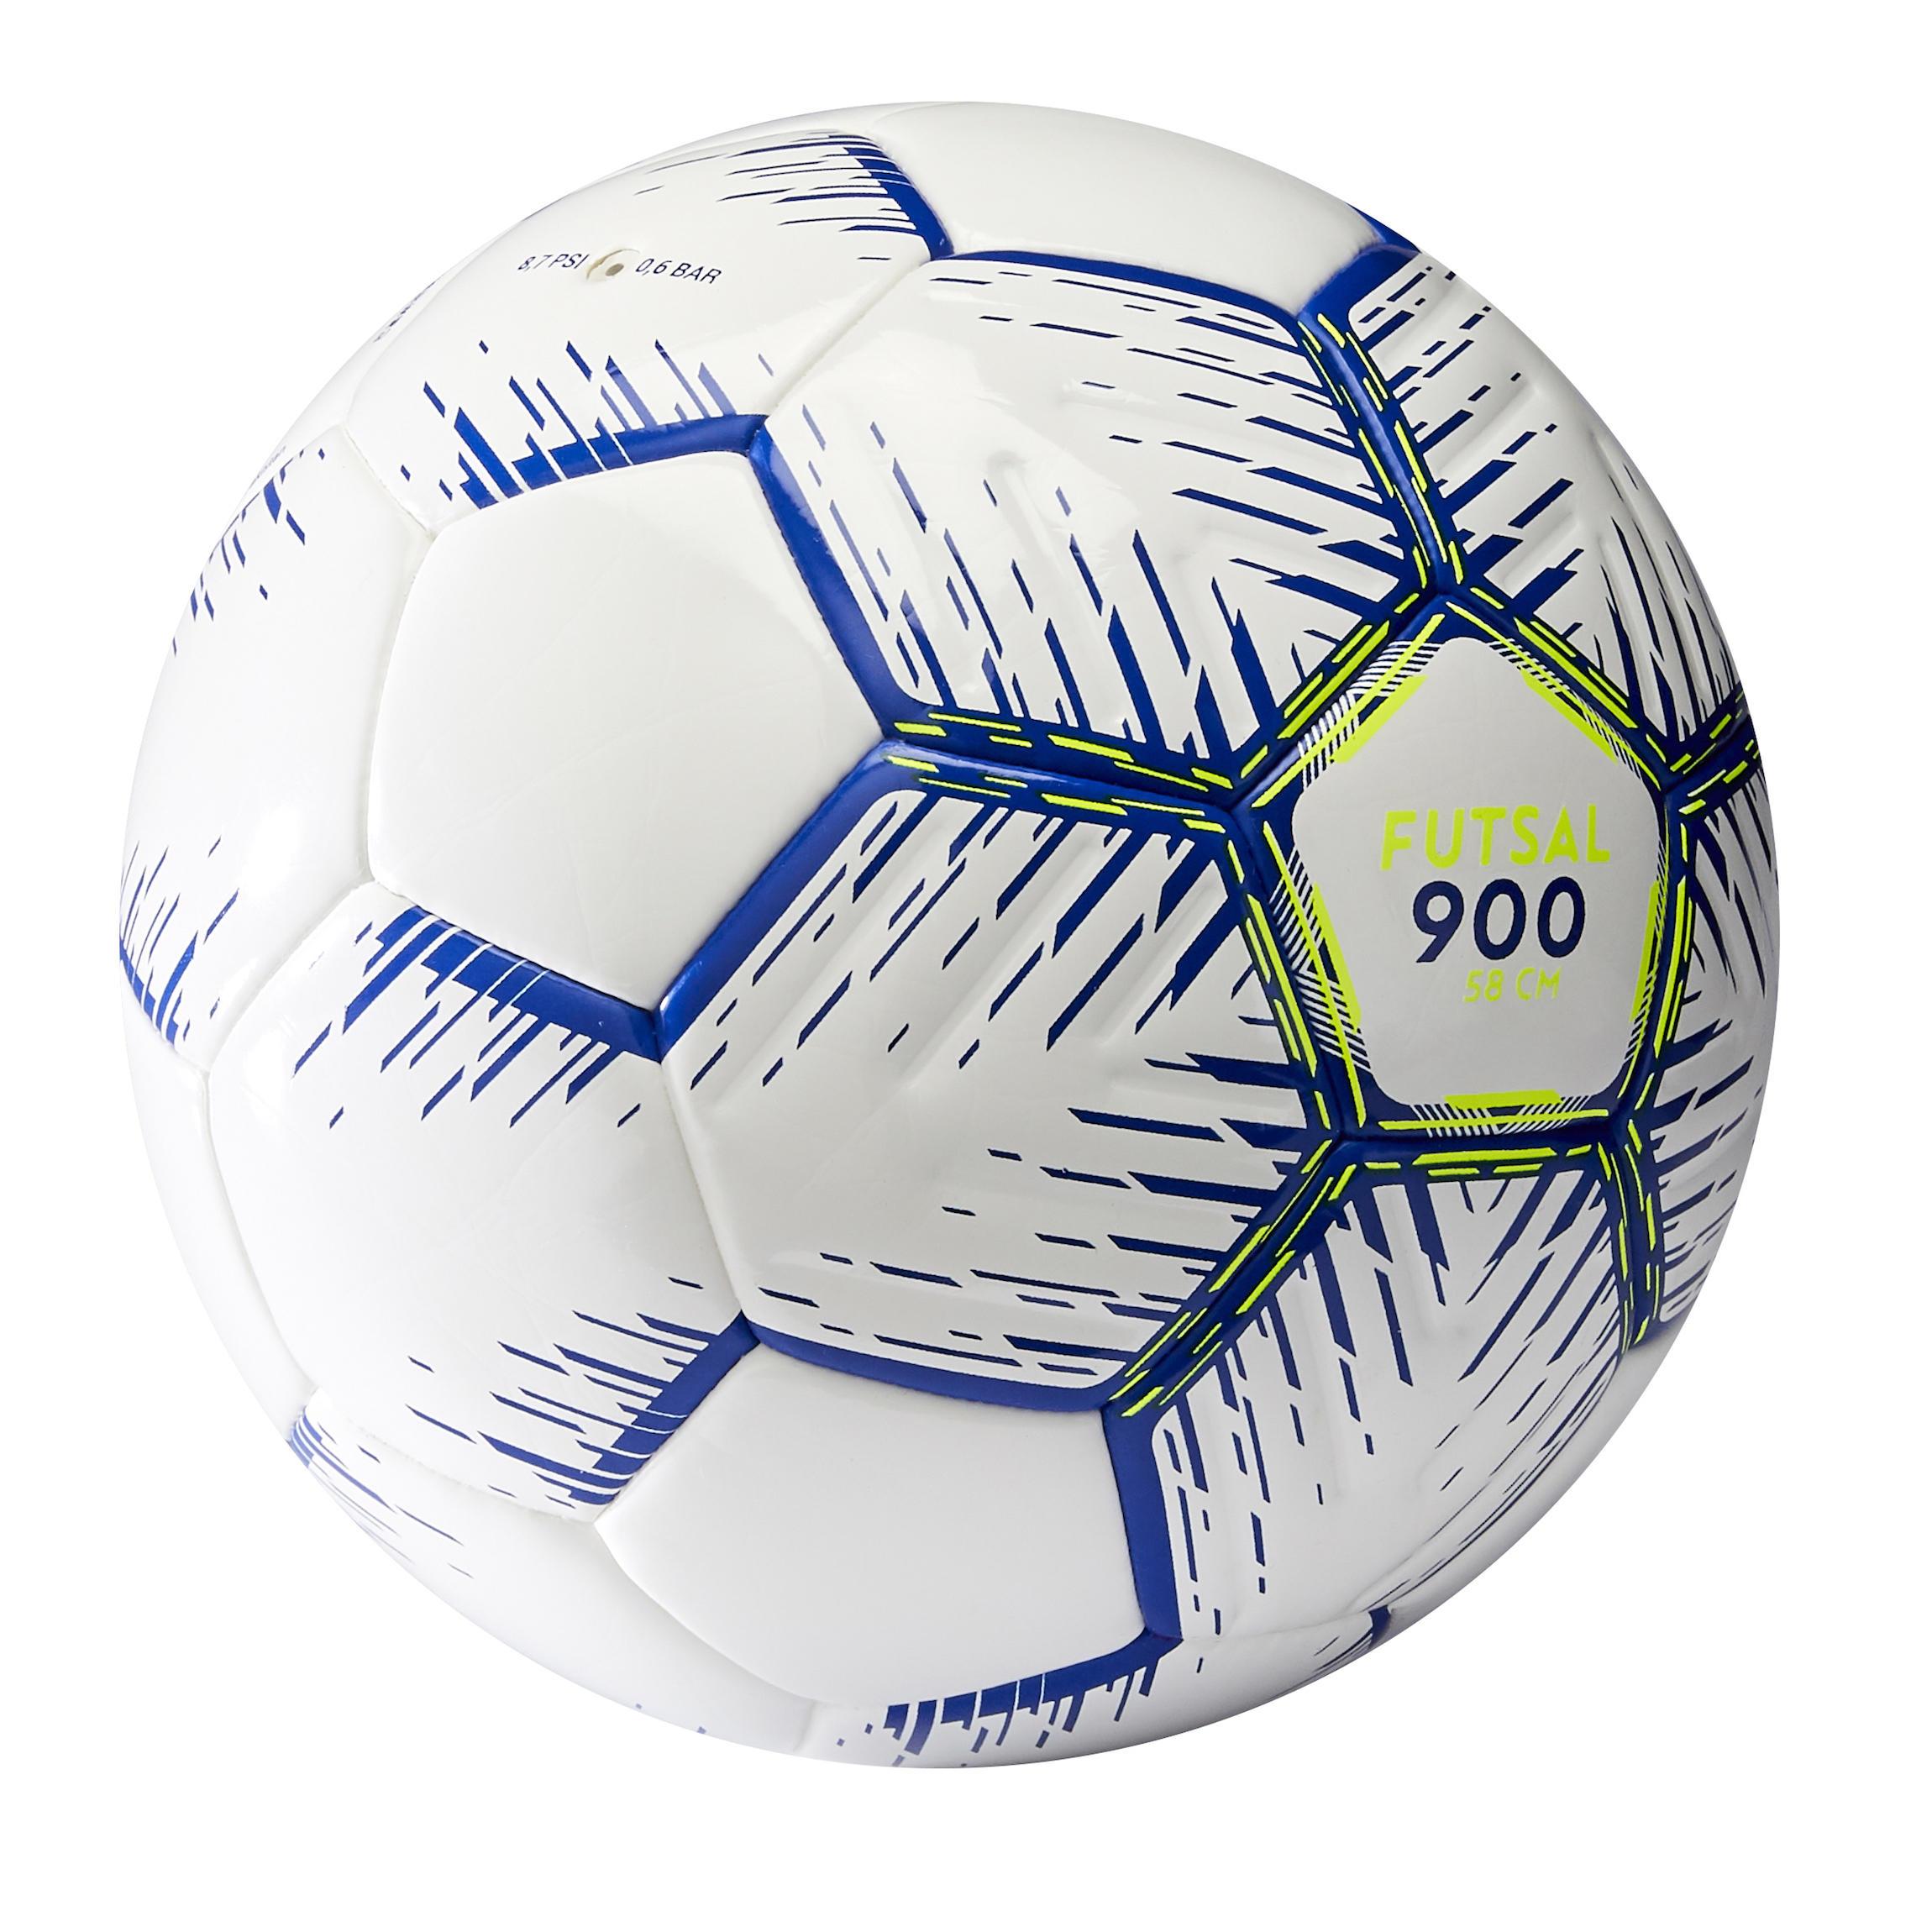 Minge Futsal FS 900 58cm